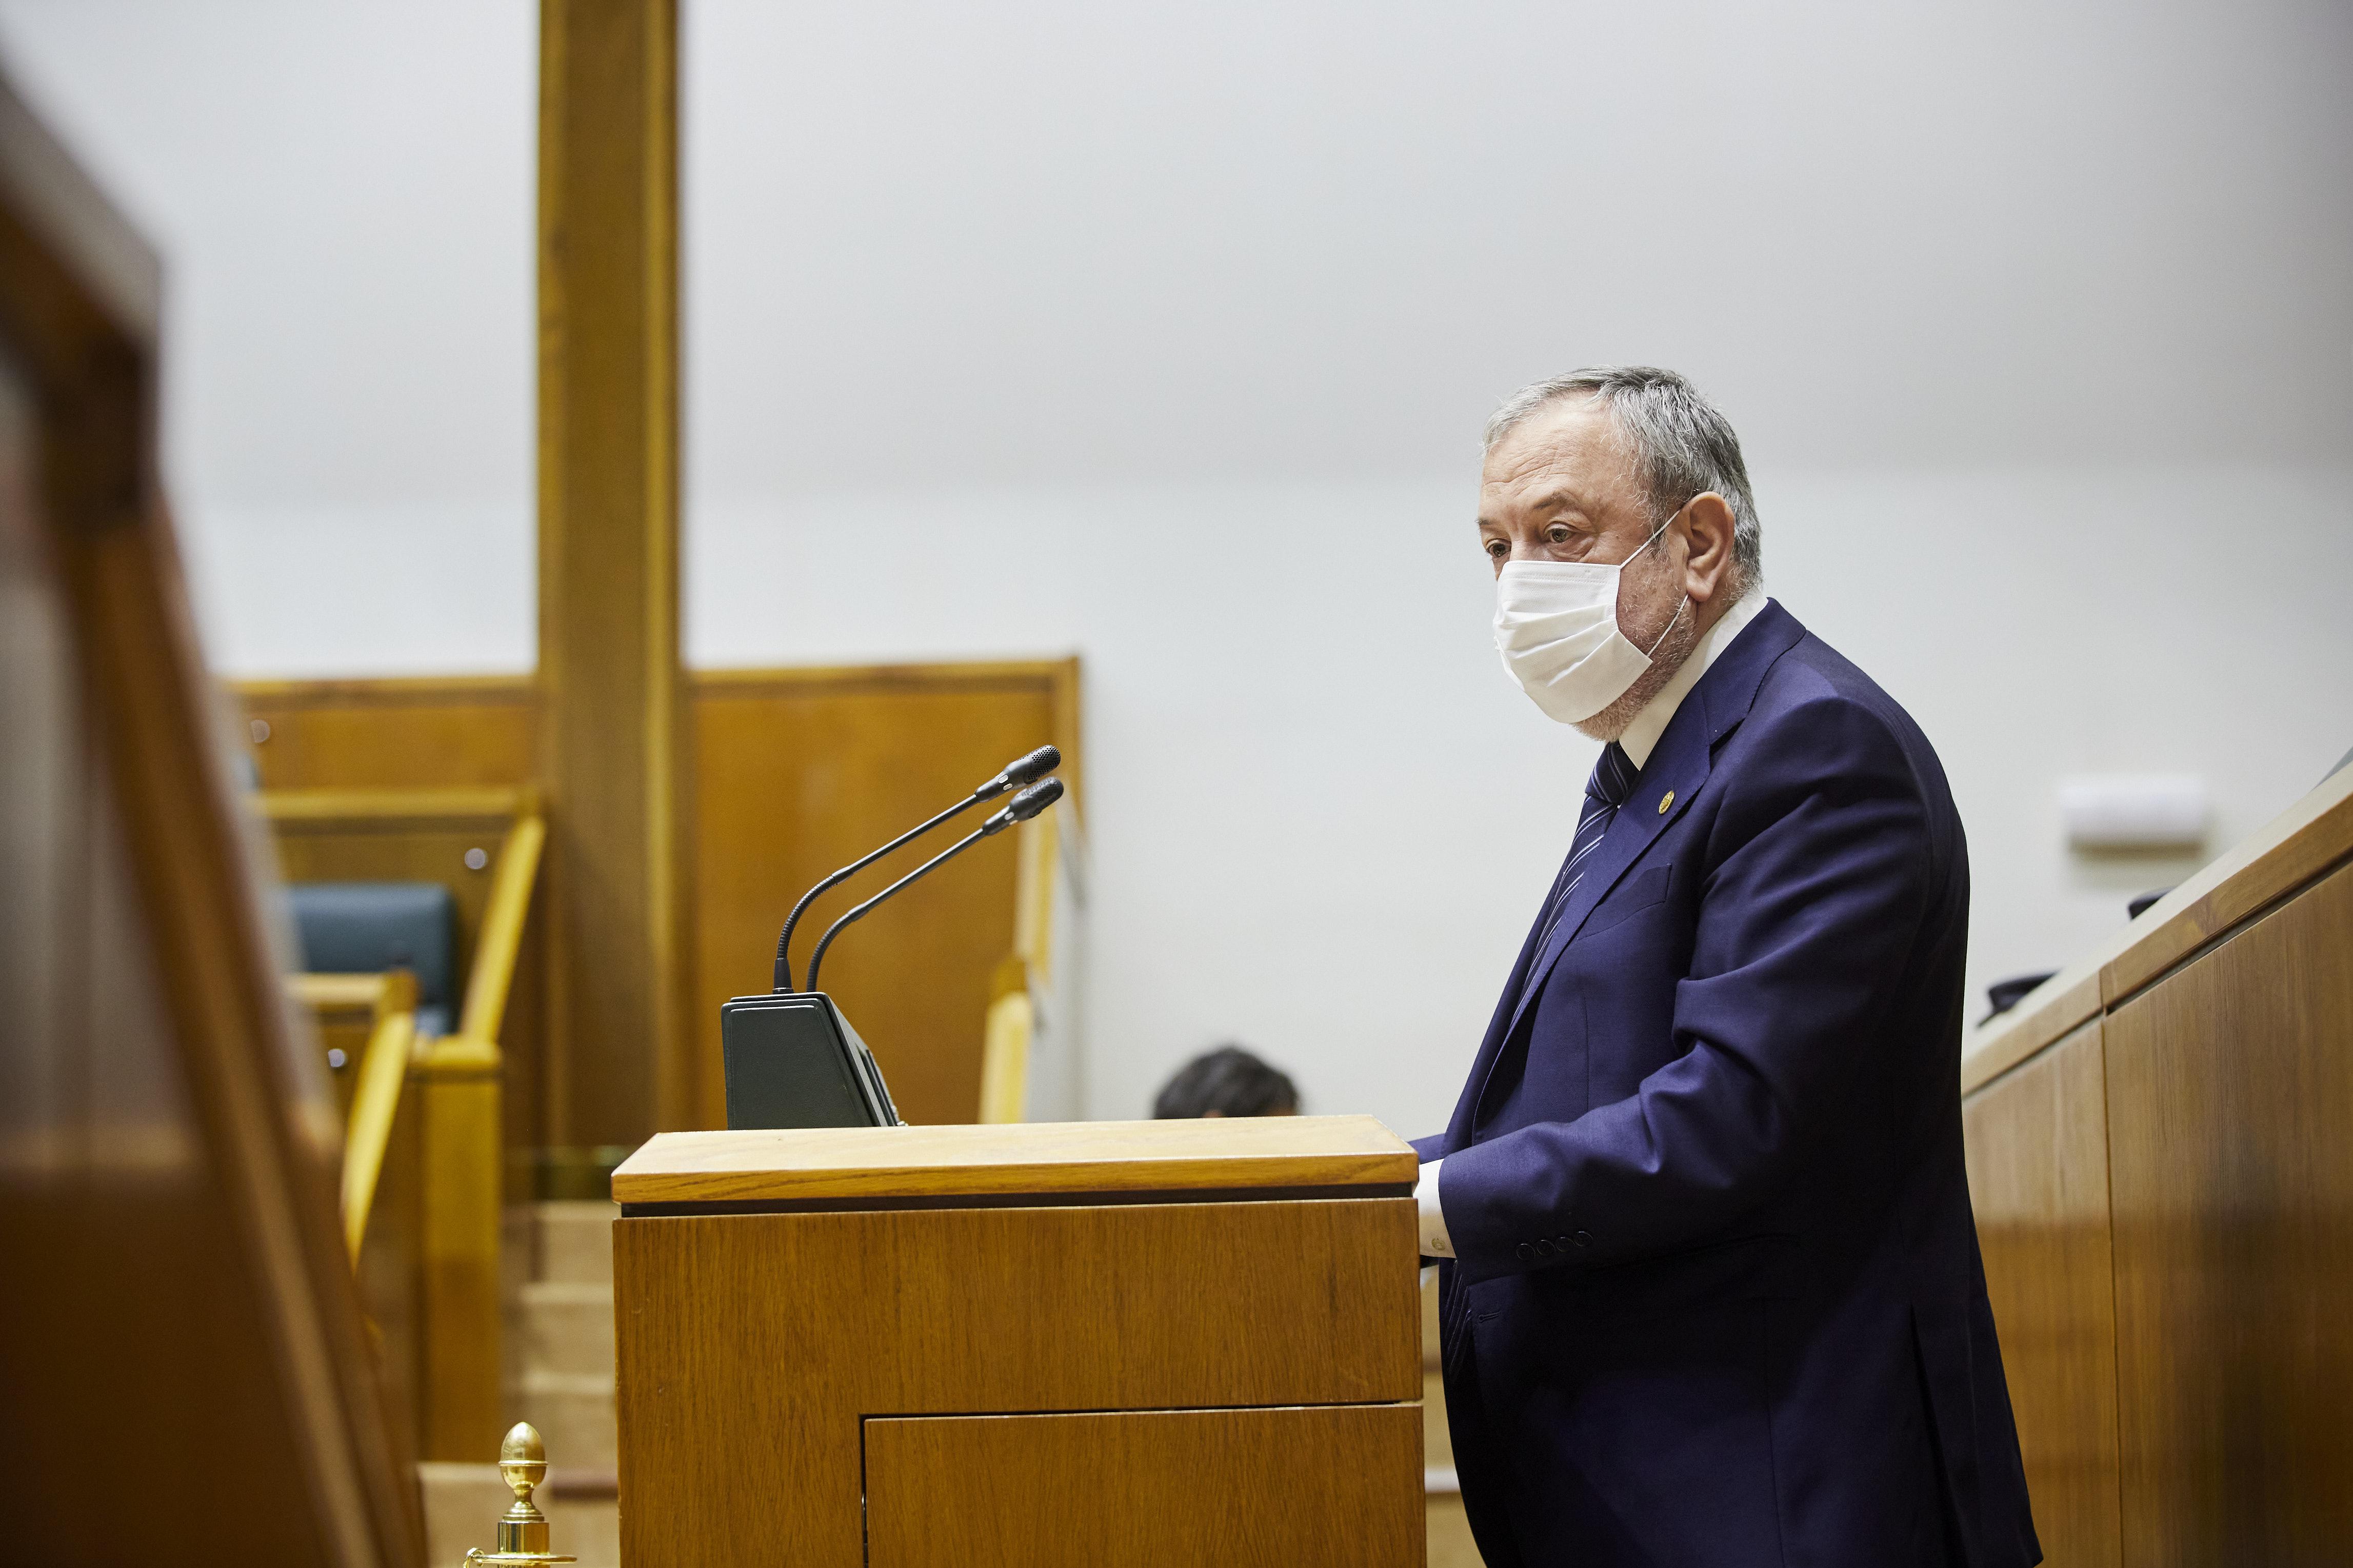 Intervención del Consejero Pedro Azpiazu en el pleno sobre la modificación de la Ley de aprobación de los Presupuestos 2020 [0:00]